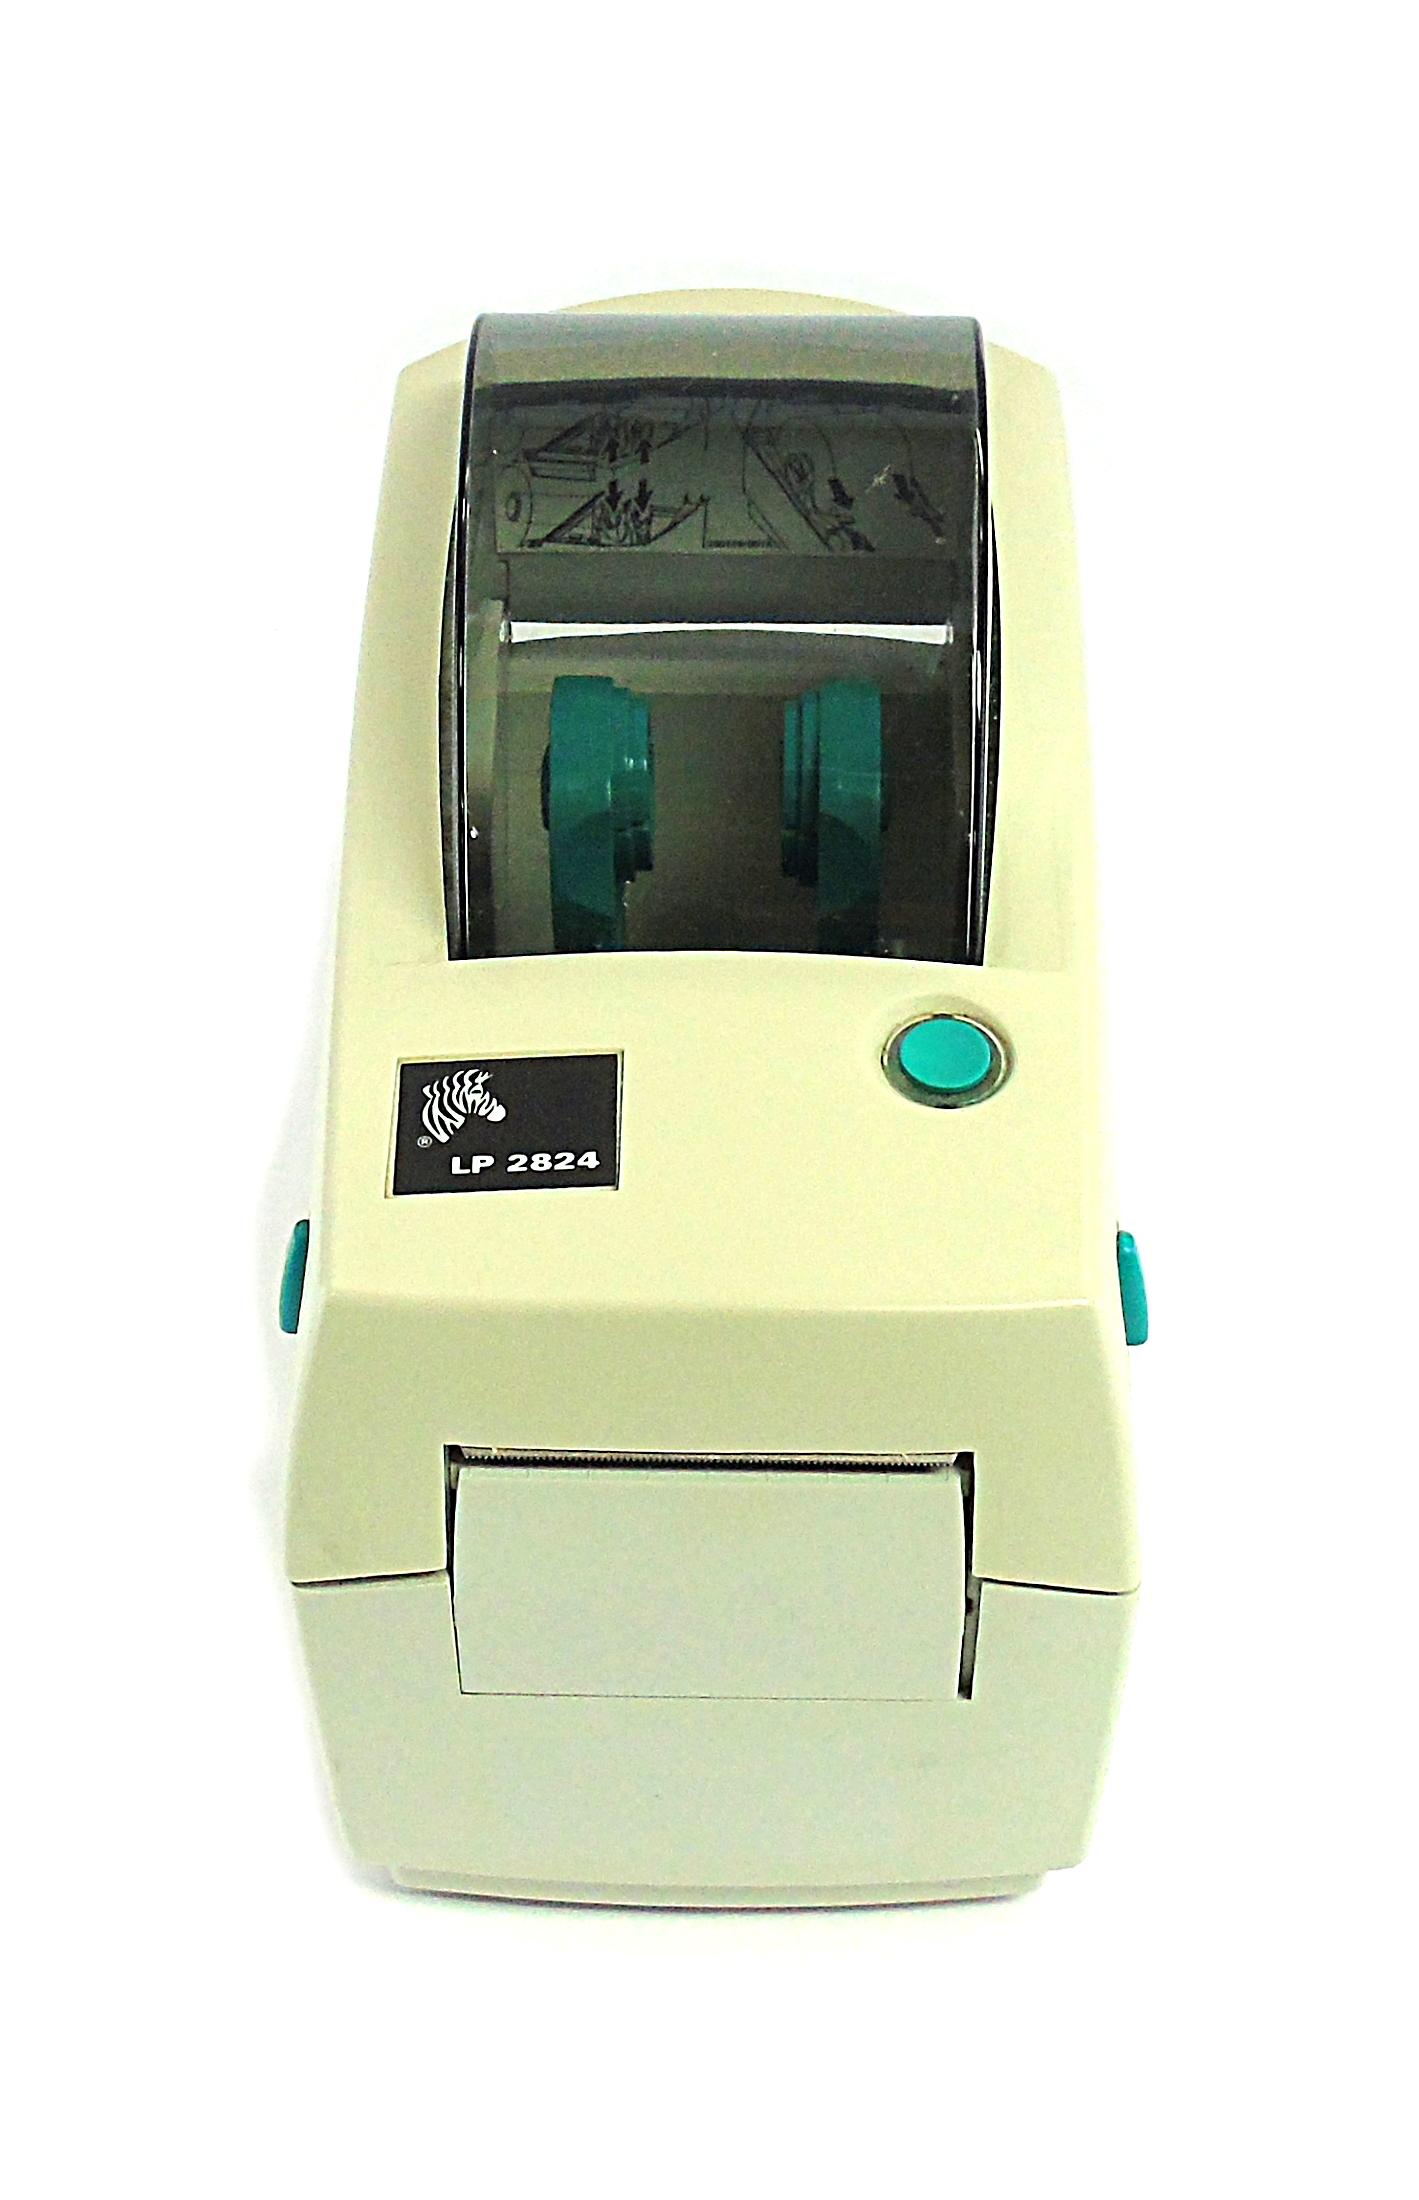 Zebra 2824-21100-0001 LP2824 USB Thermal Label Printer